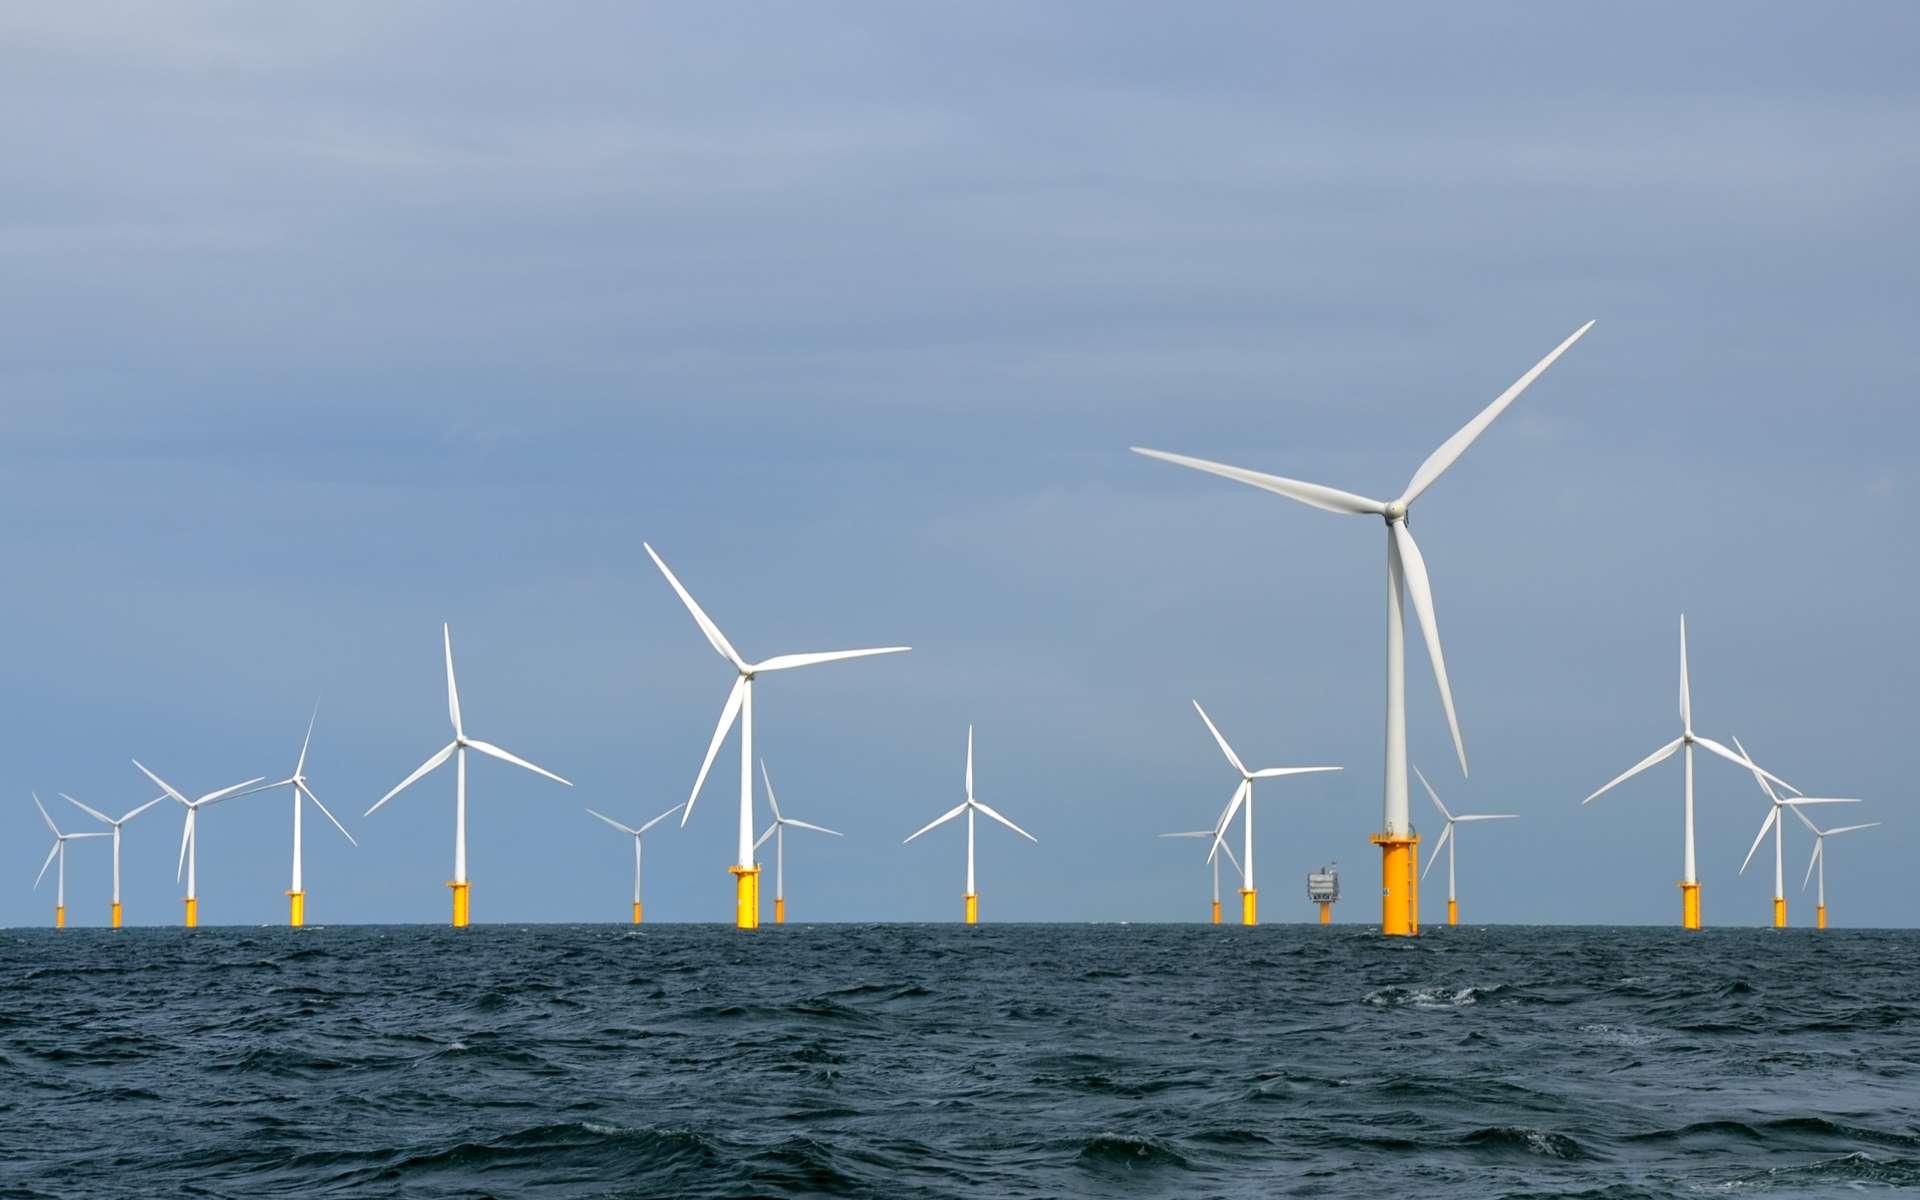 Le parc éolien de Belwind, construit en mer du Nord, à 46 kilomètres du port belge de Zeebruges. © Hans Hillewaert, Flickr, Wikimedia Commons, CC by-sa 4.0